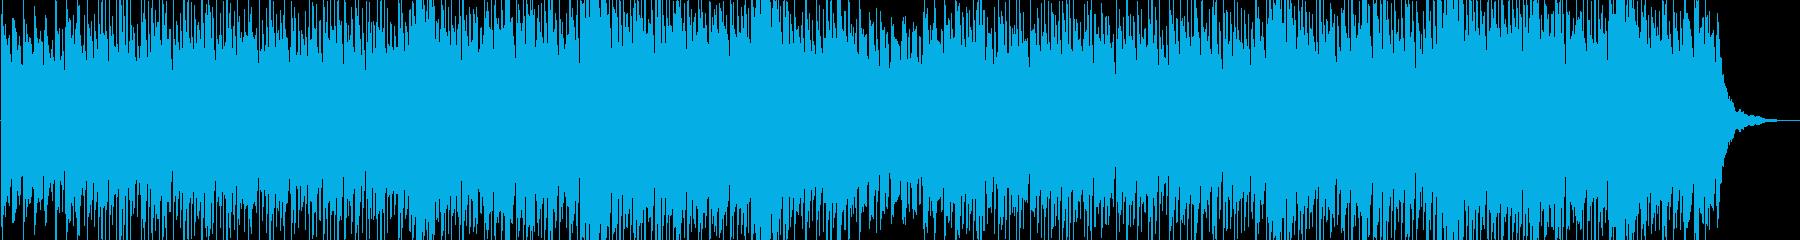 古楽器を使った民族調祭り風オリジナルの再生済みの波形